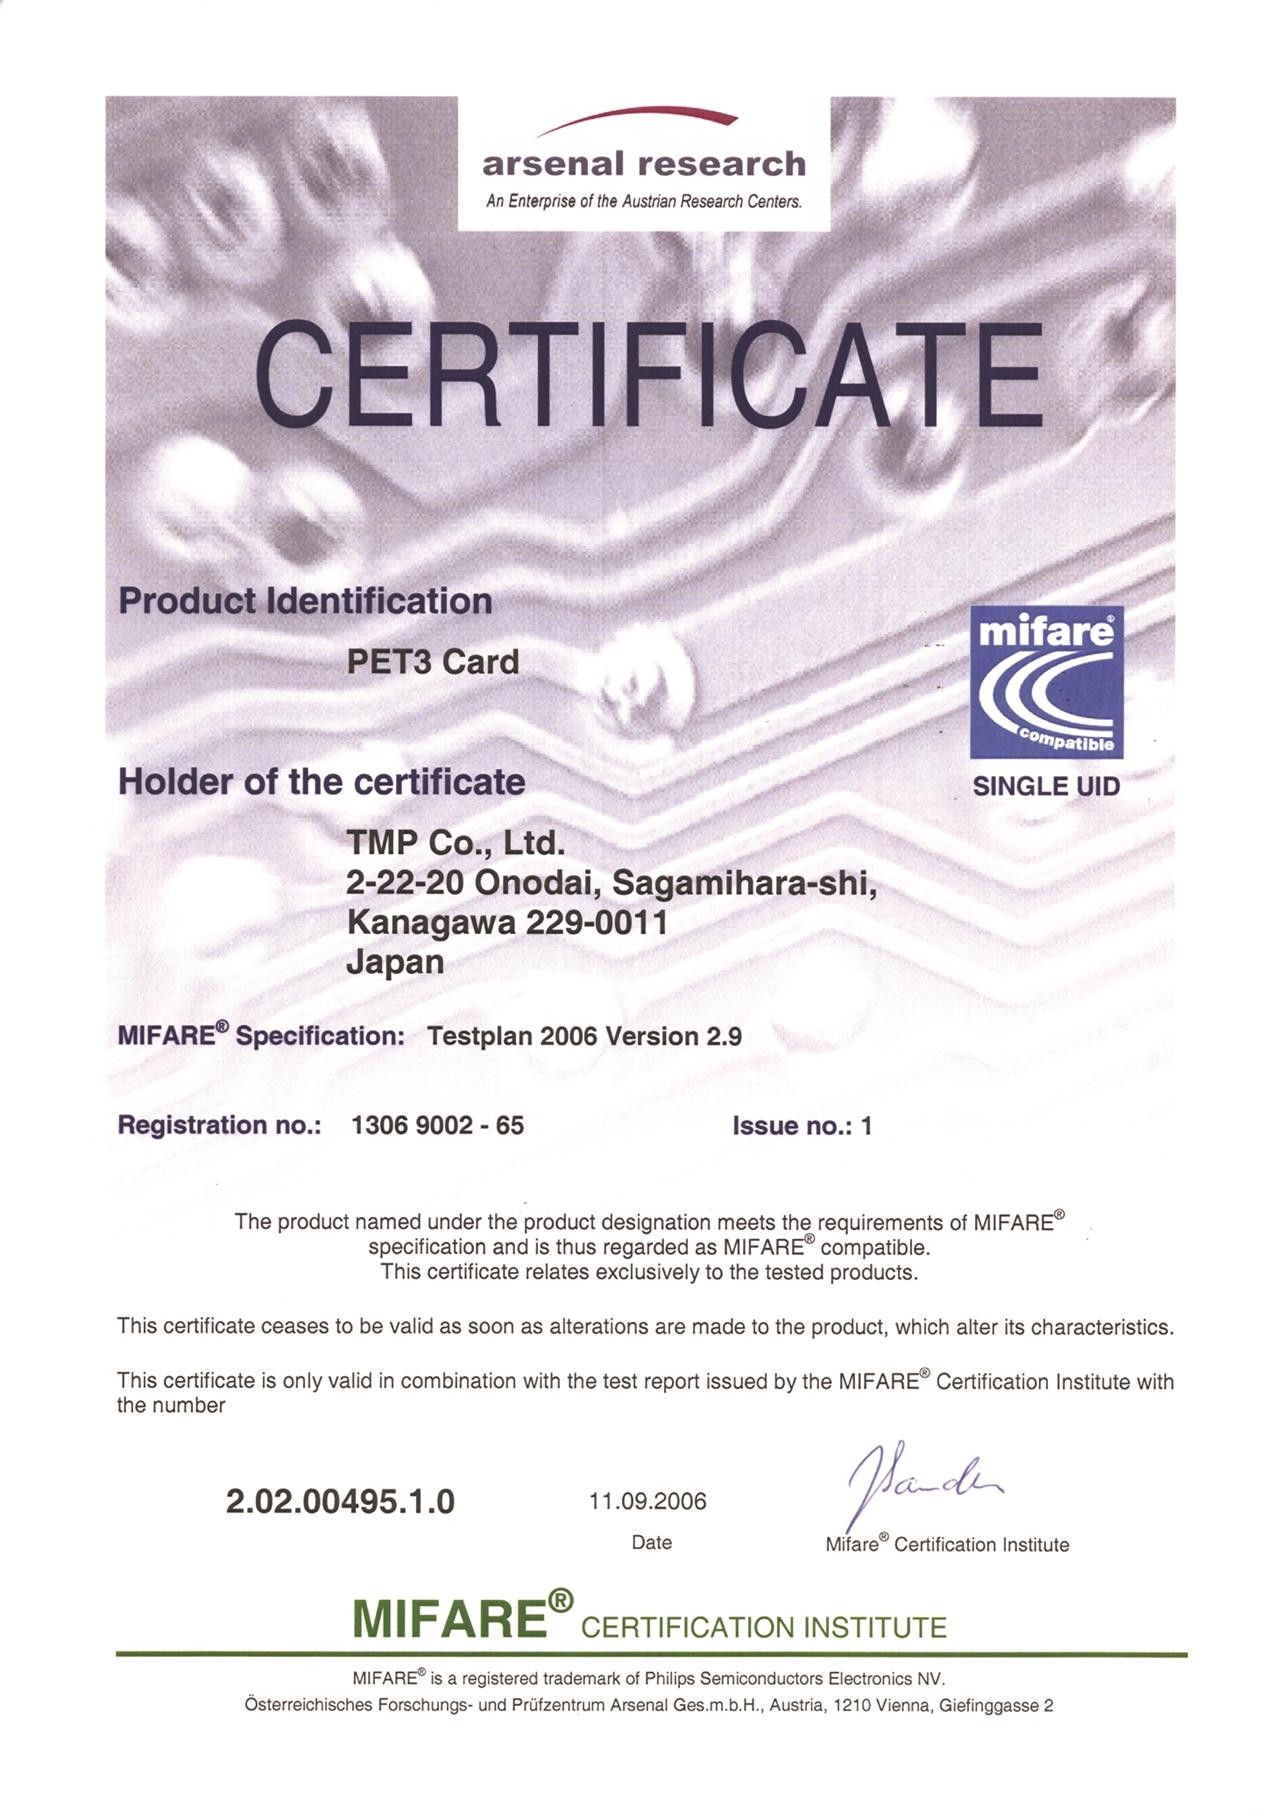 非接触型ICカード「Mifare」シリーズ